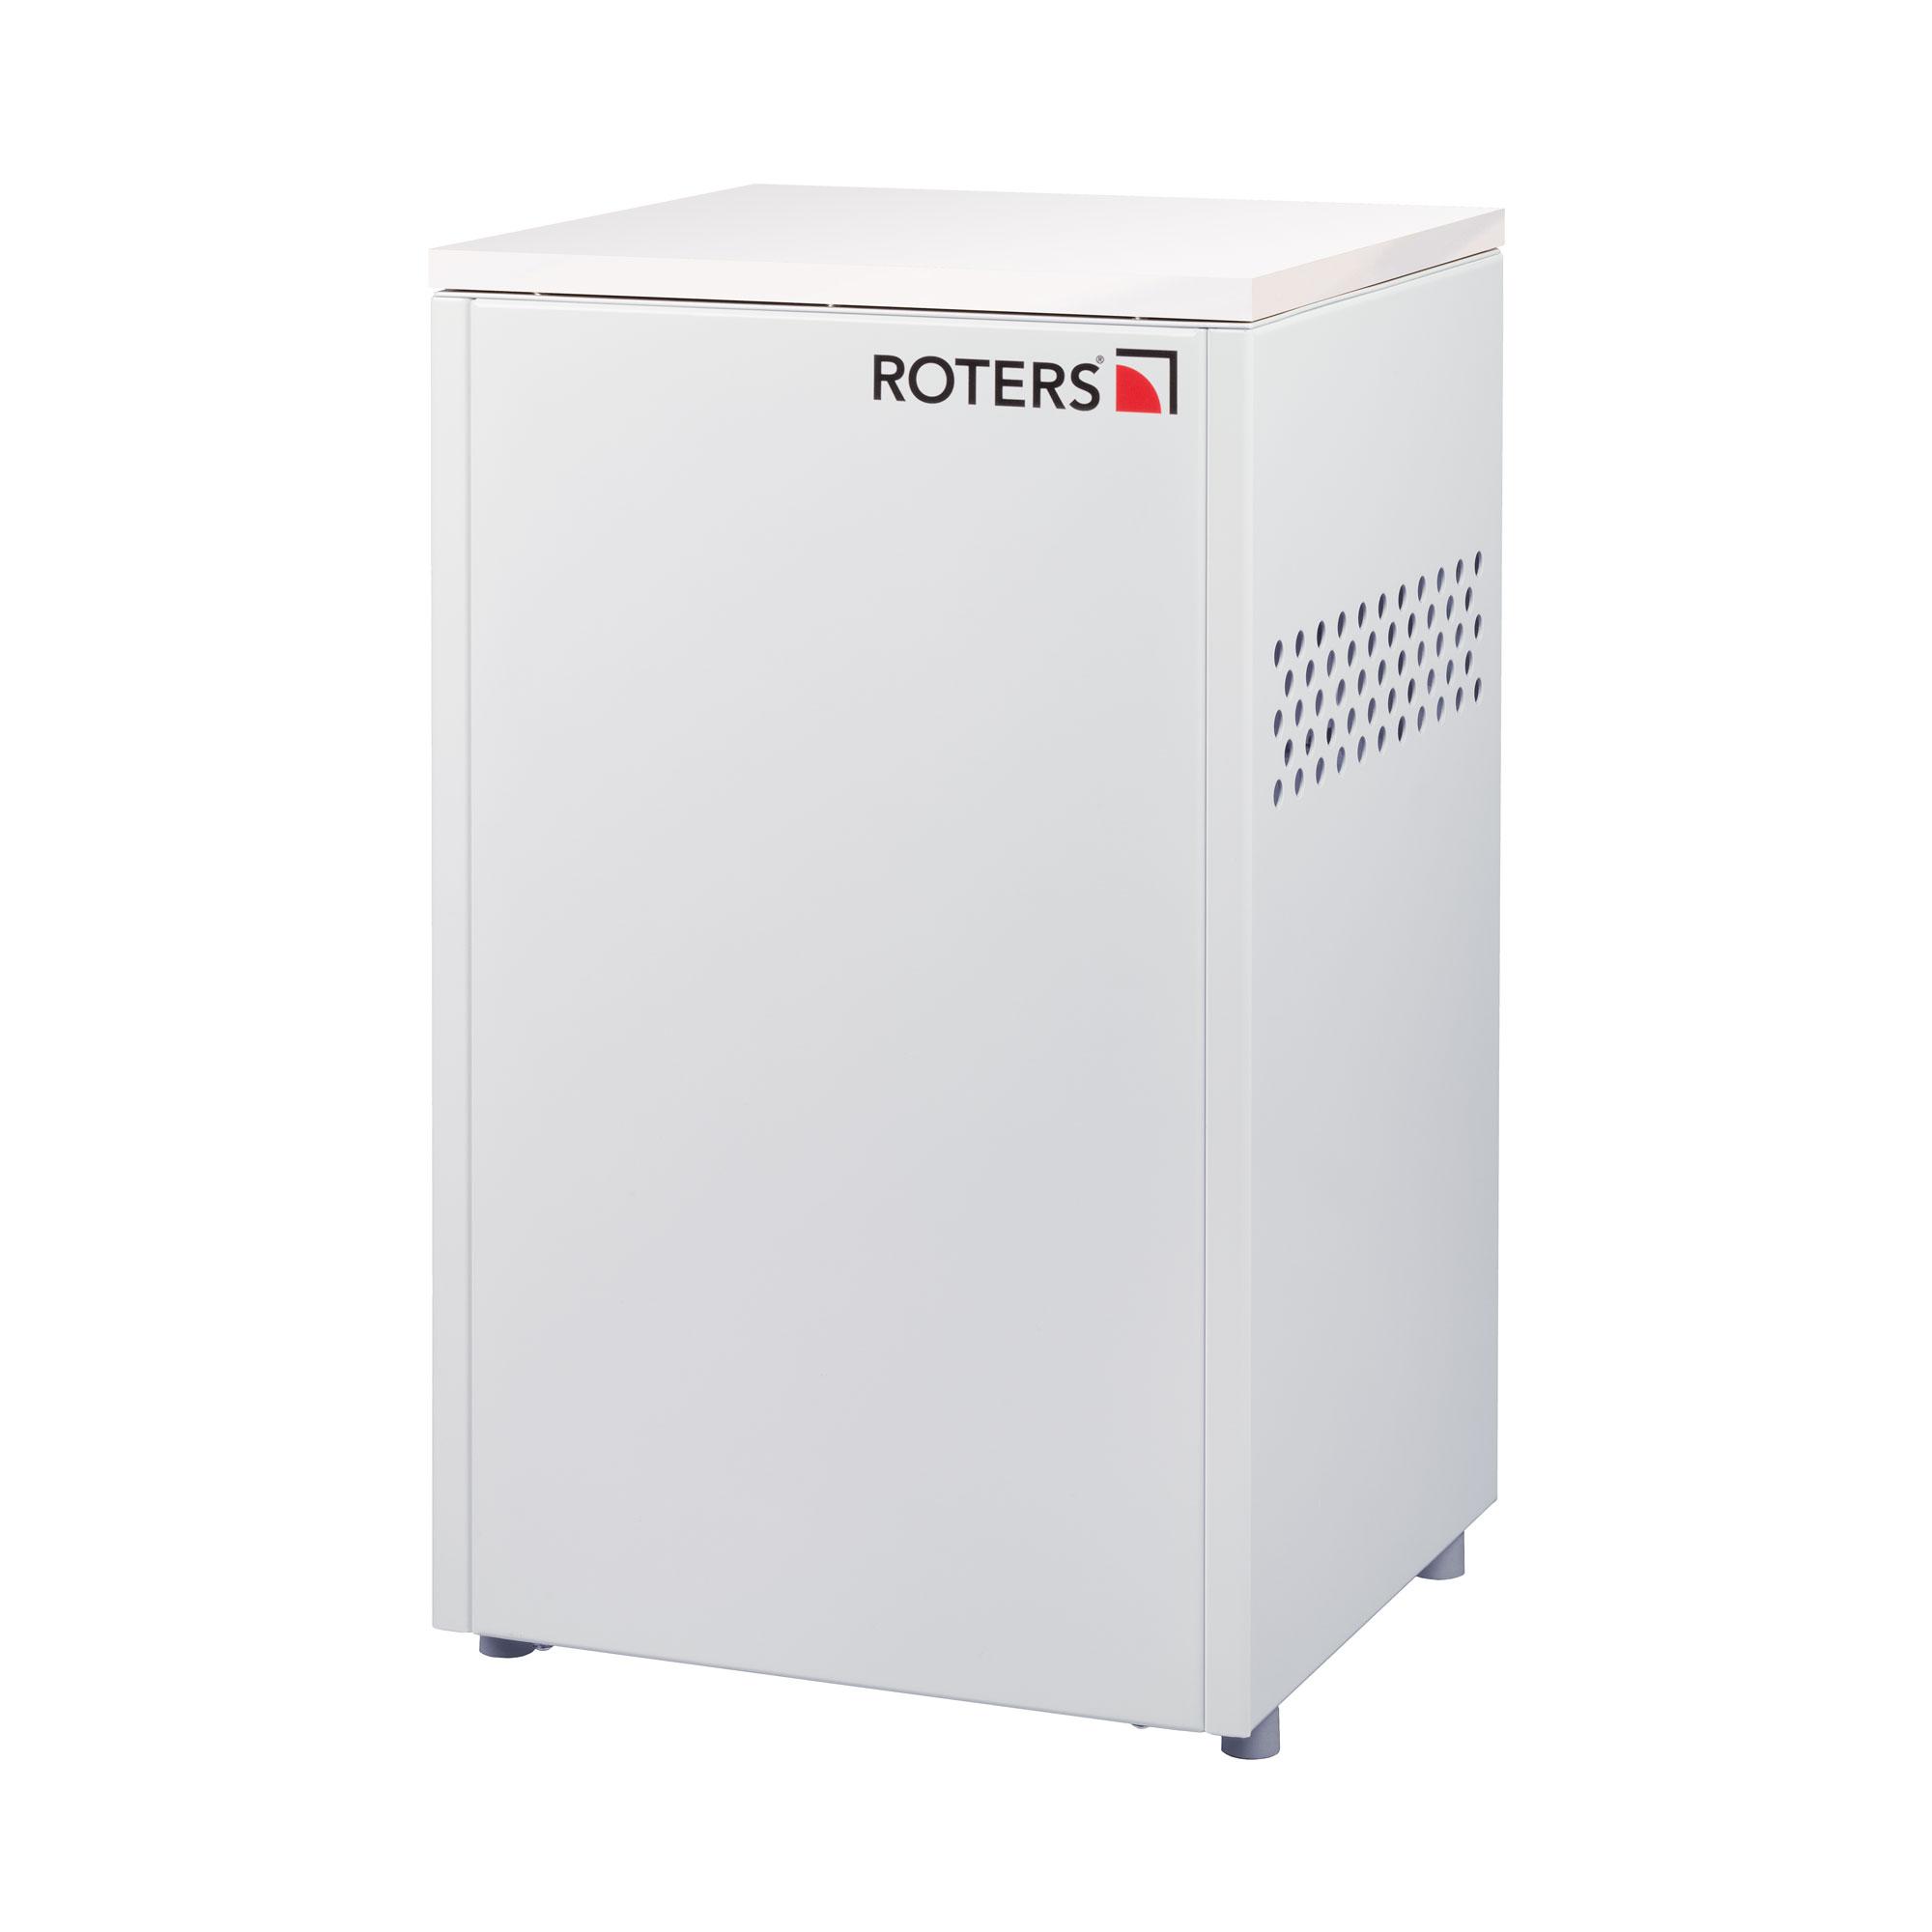 Roters - Luftreiniger XG 500 Design Weiß H14 - Design Luftreiniger mit Hepafilter